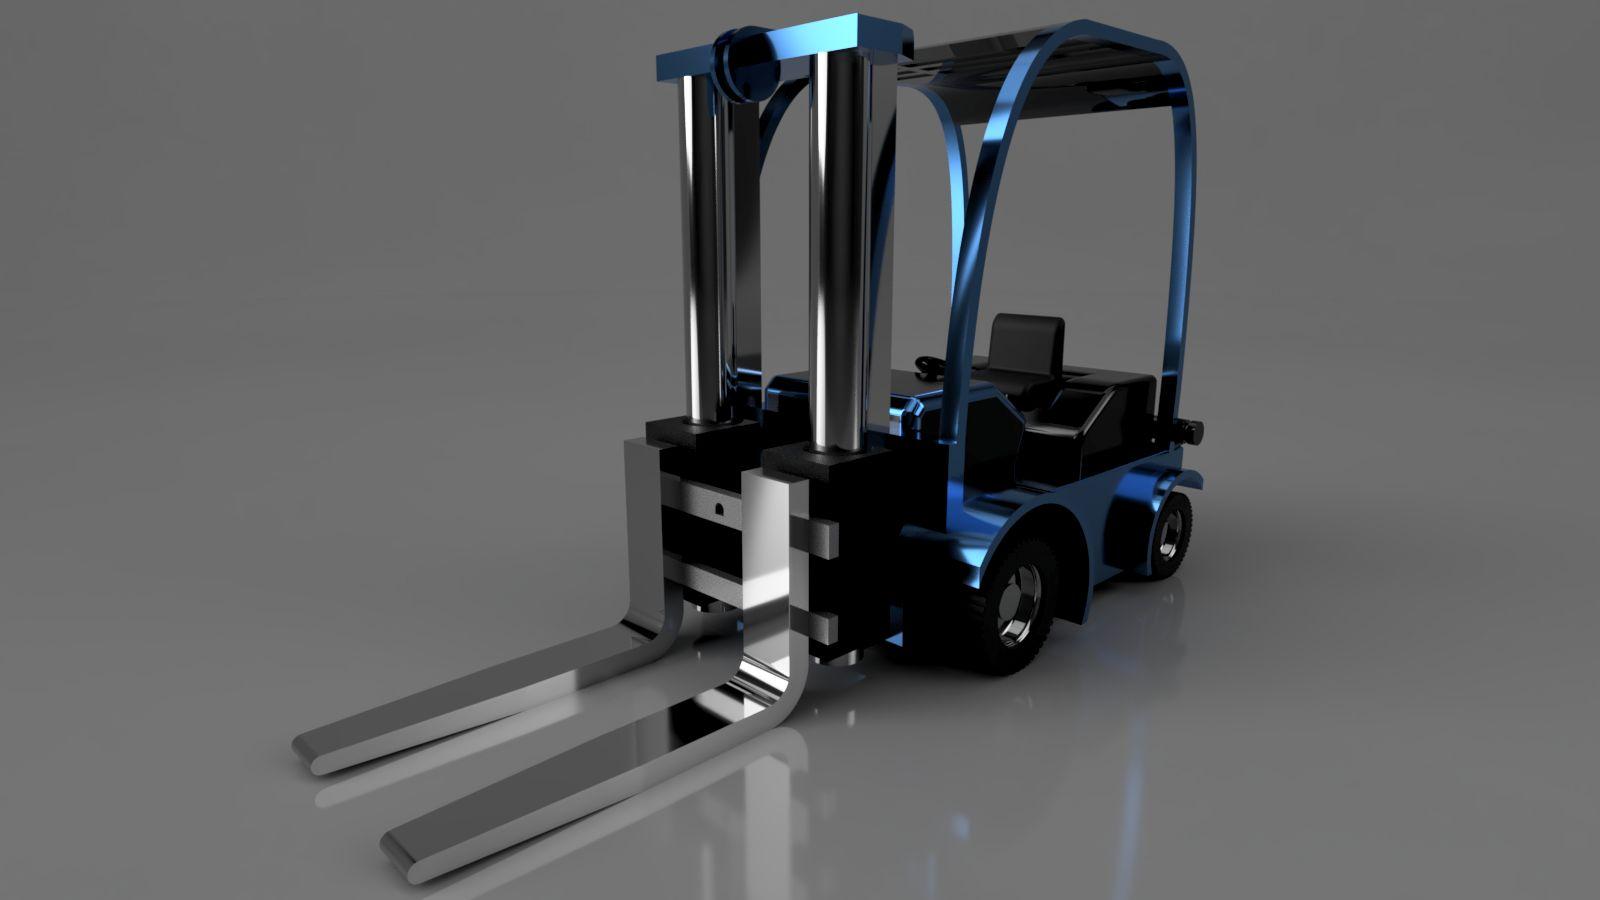 Forklift2-3500-3500